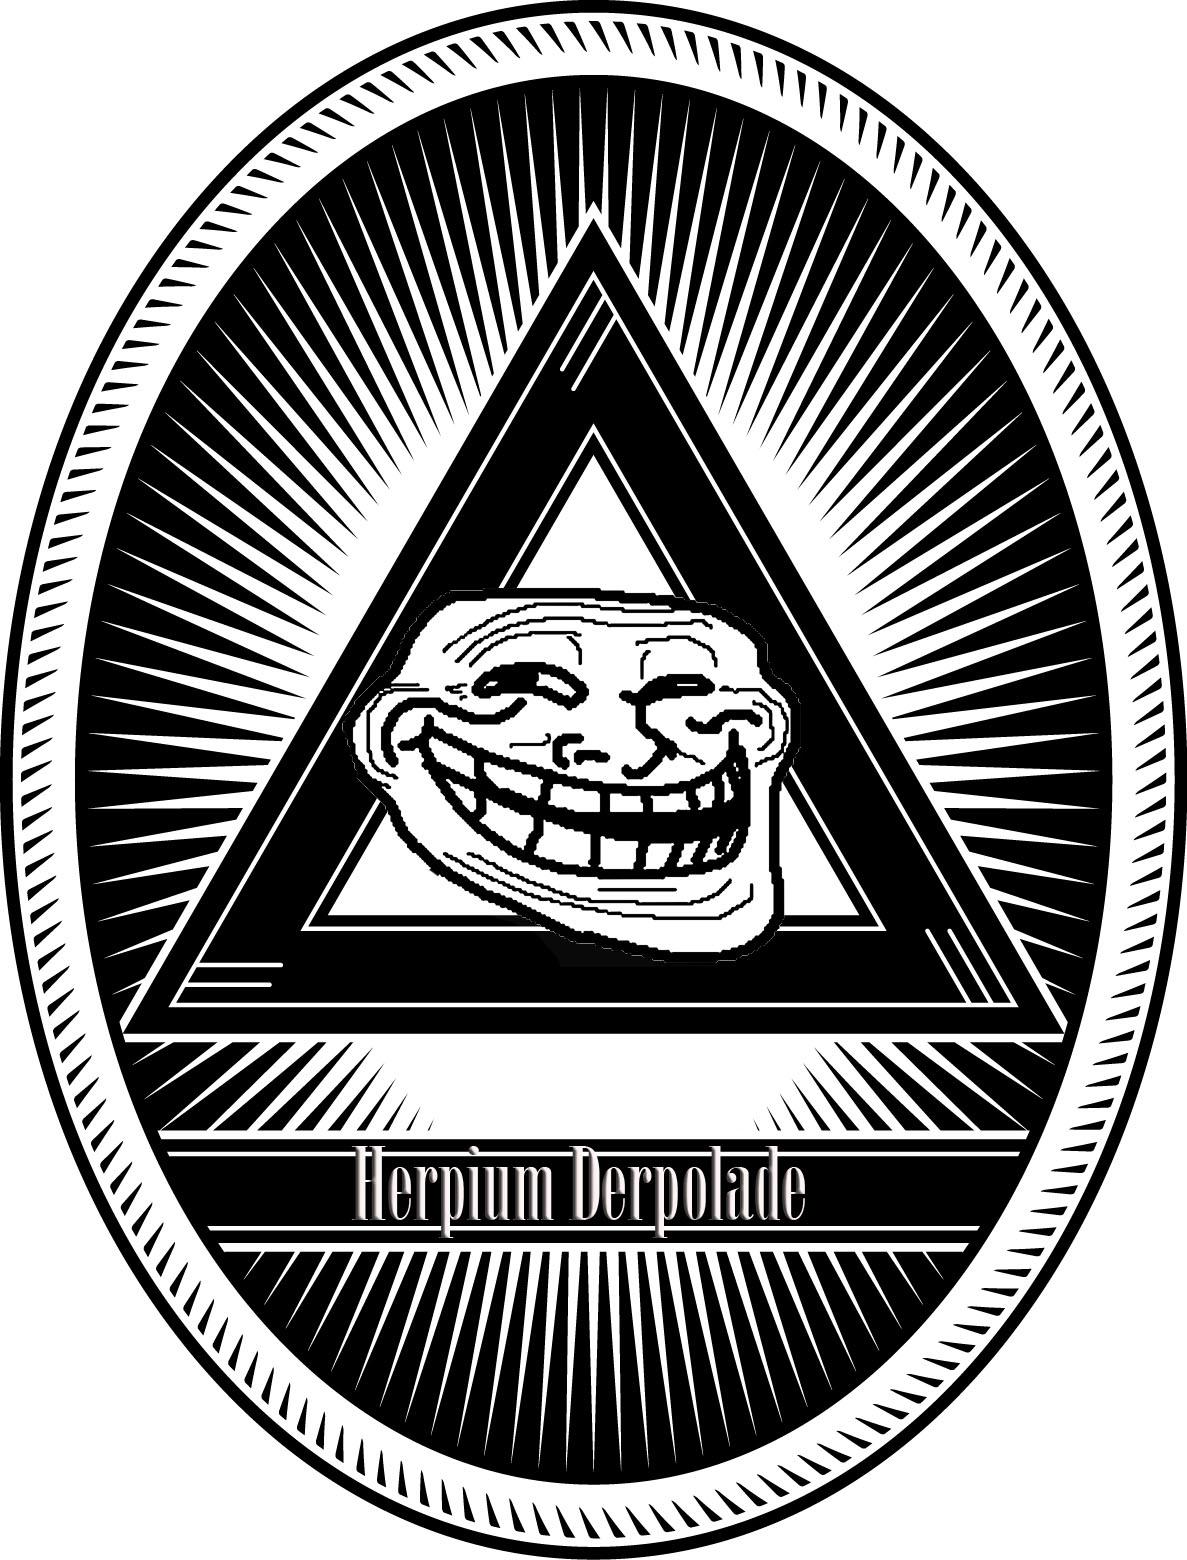 Herpium Derpolade (official)